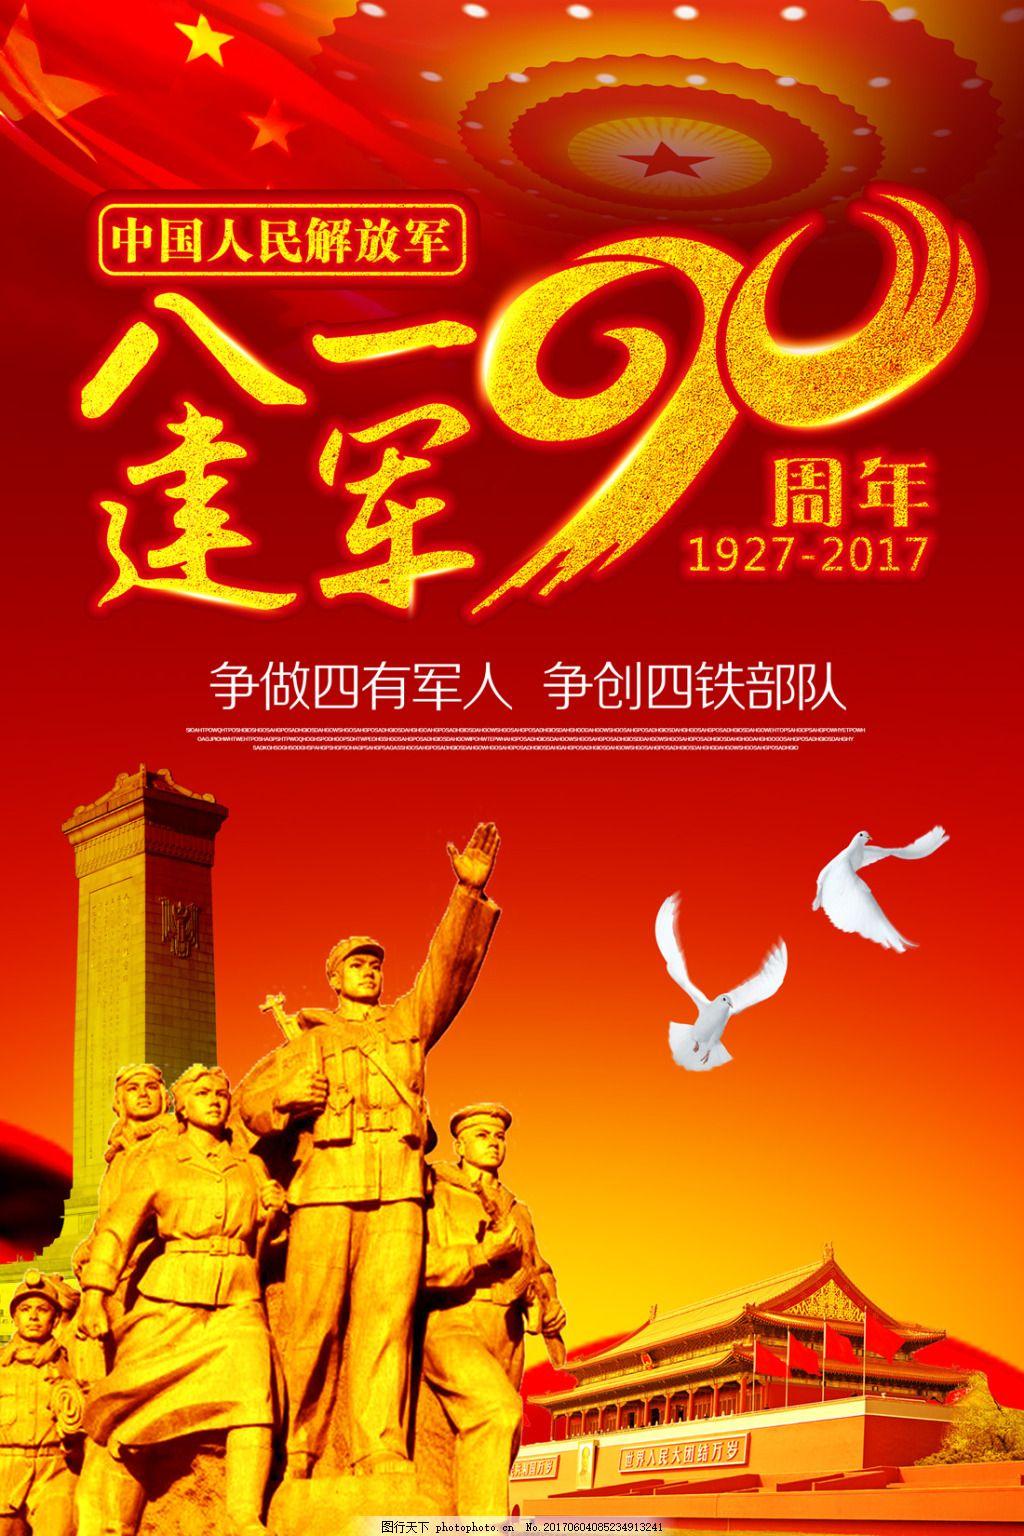 八一建军节海报设计 部队海报 雕塑 红军 红军雕像 军魂 庆祝建军节